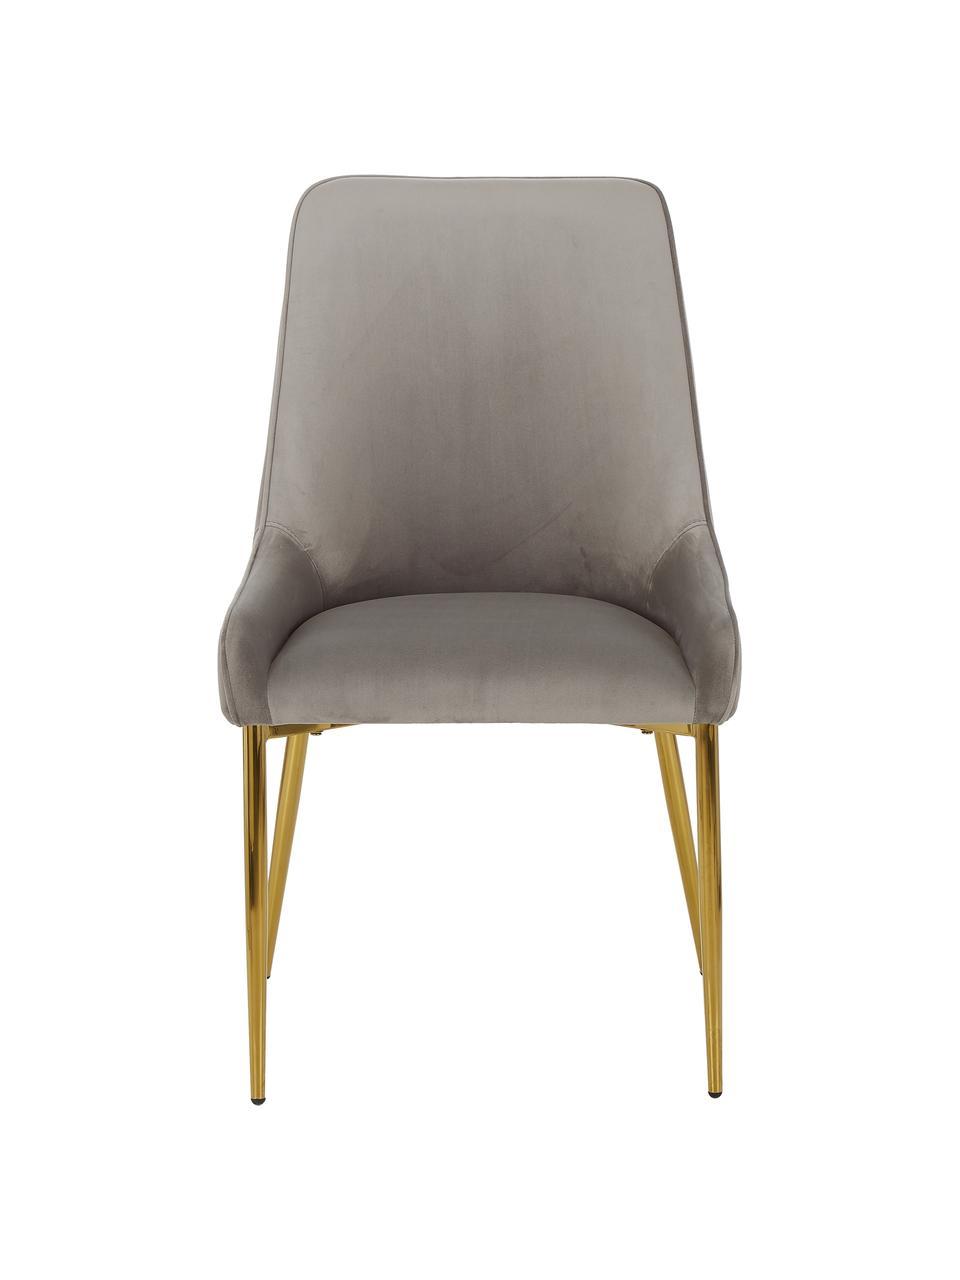 Sedia imbottita in velluto con gambe dorate Ava, Rivestimento: velluto (100% poliestere), Gambe: metallo zincato, Velluto taupe, Larg. 53 x Prof. 60 cm